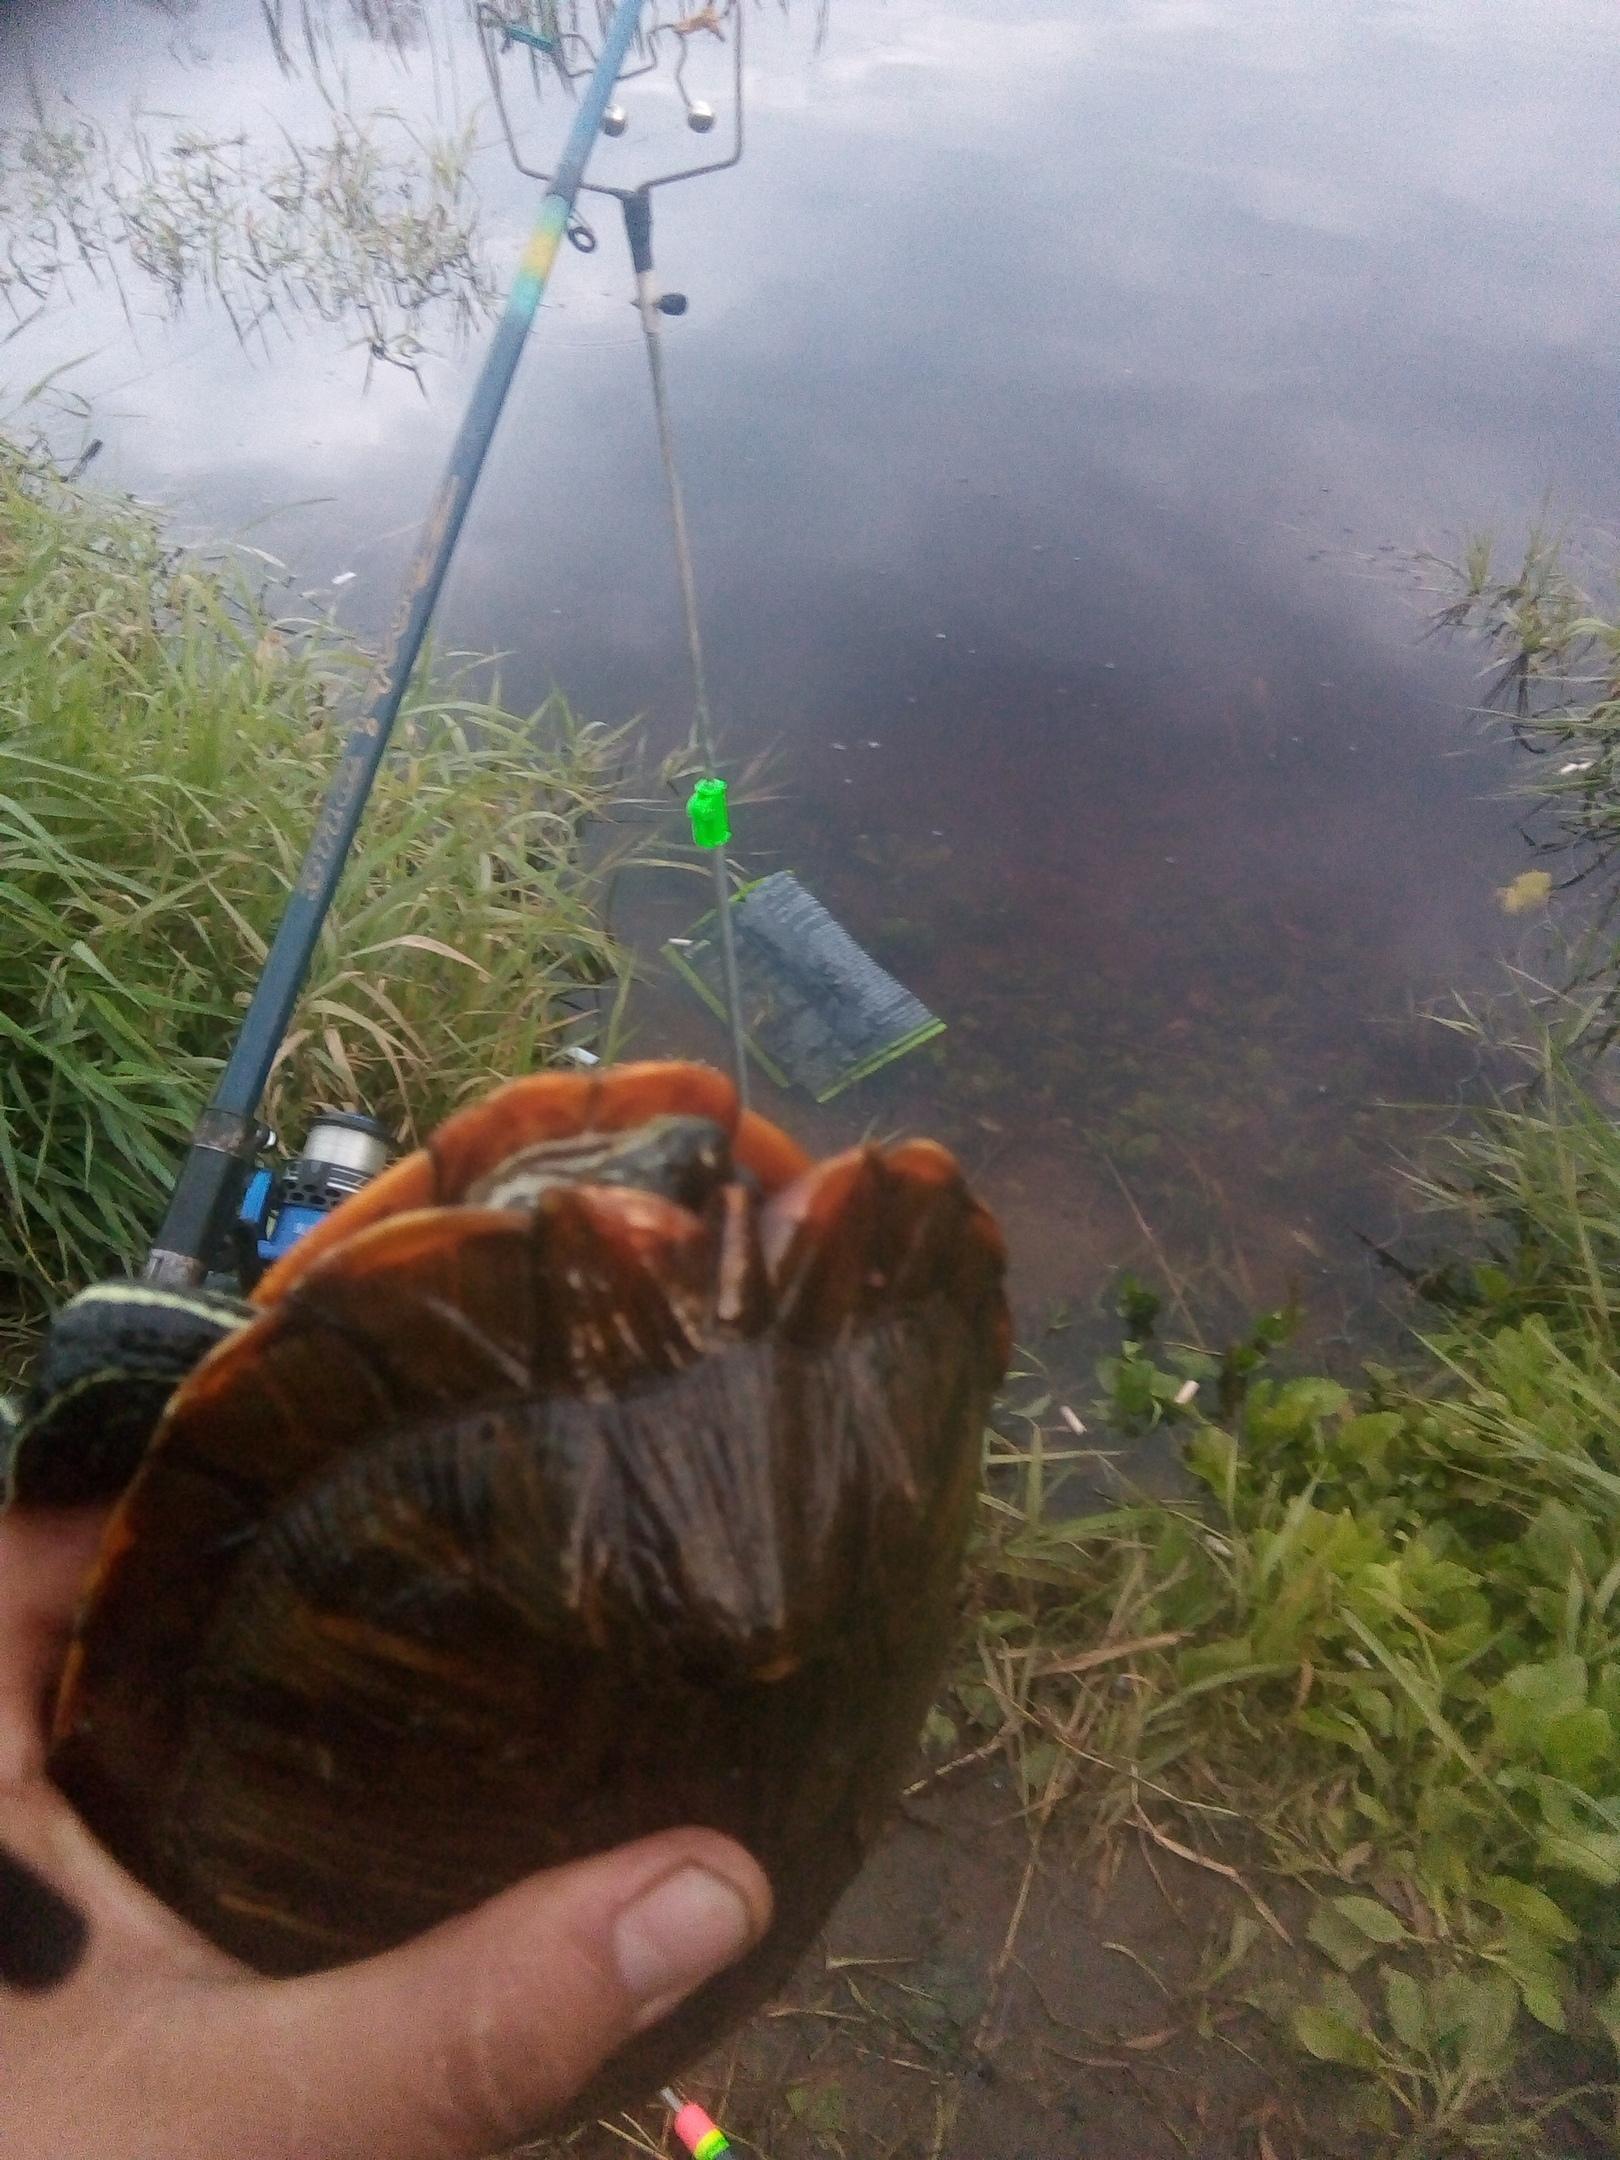 На безрыбье и черепаха рыба: рыбак в Тверской области вместо рыбы поймал черепаху